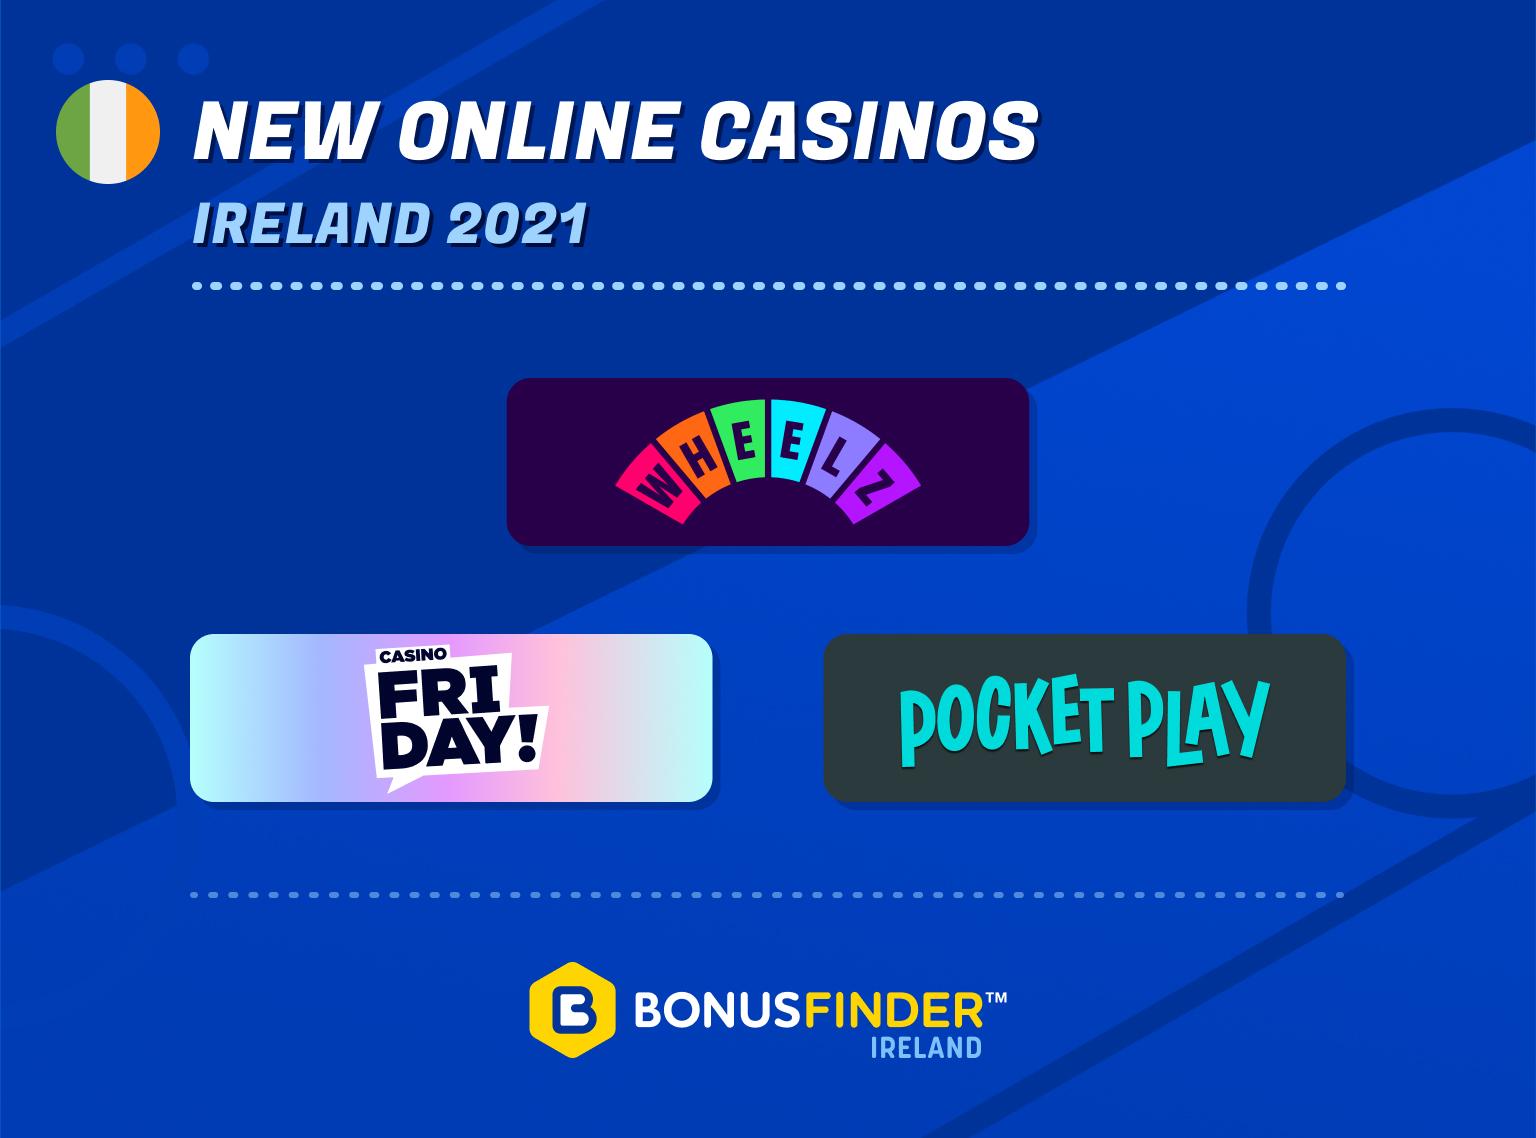 brand new casinos ireland 2021